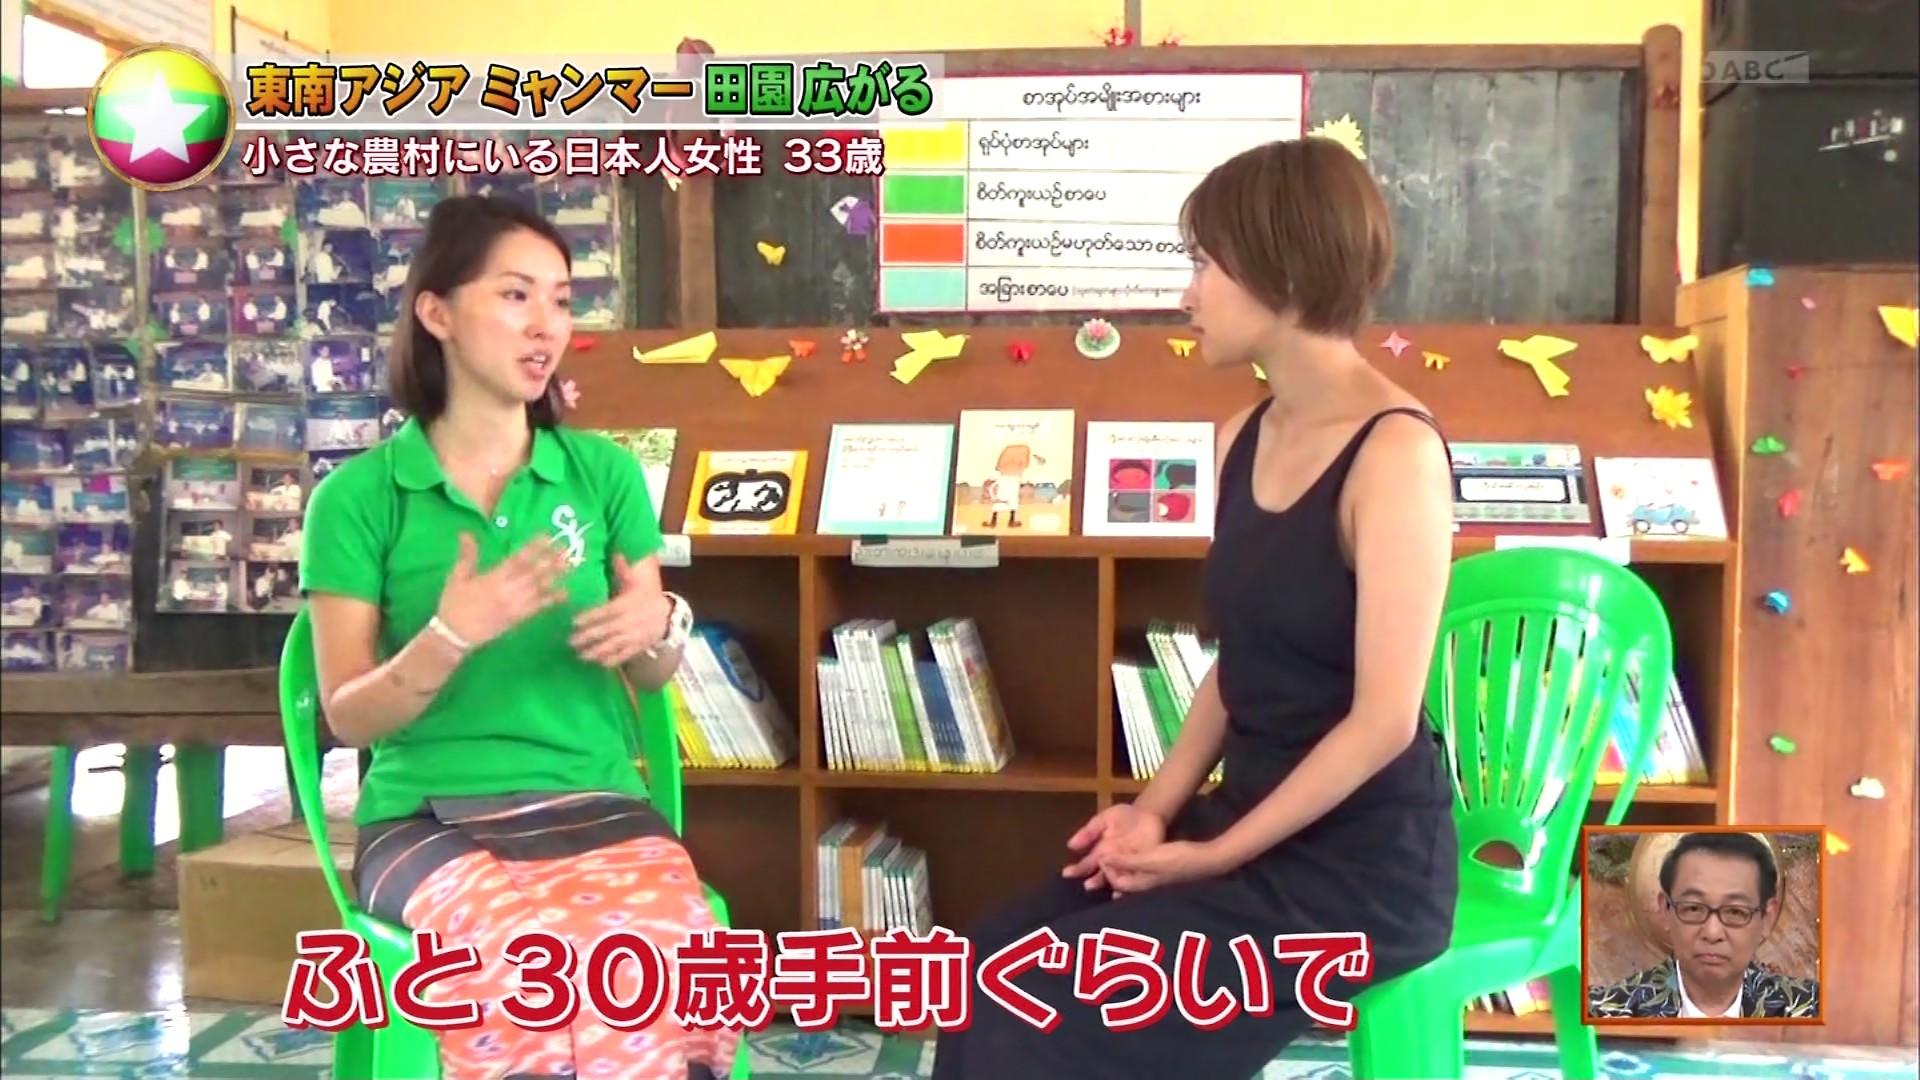 夏菜_着衣巨乳_ノースリーブ_テレビキャプ画像_30